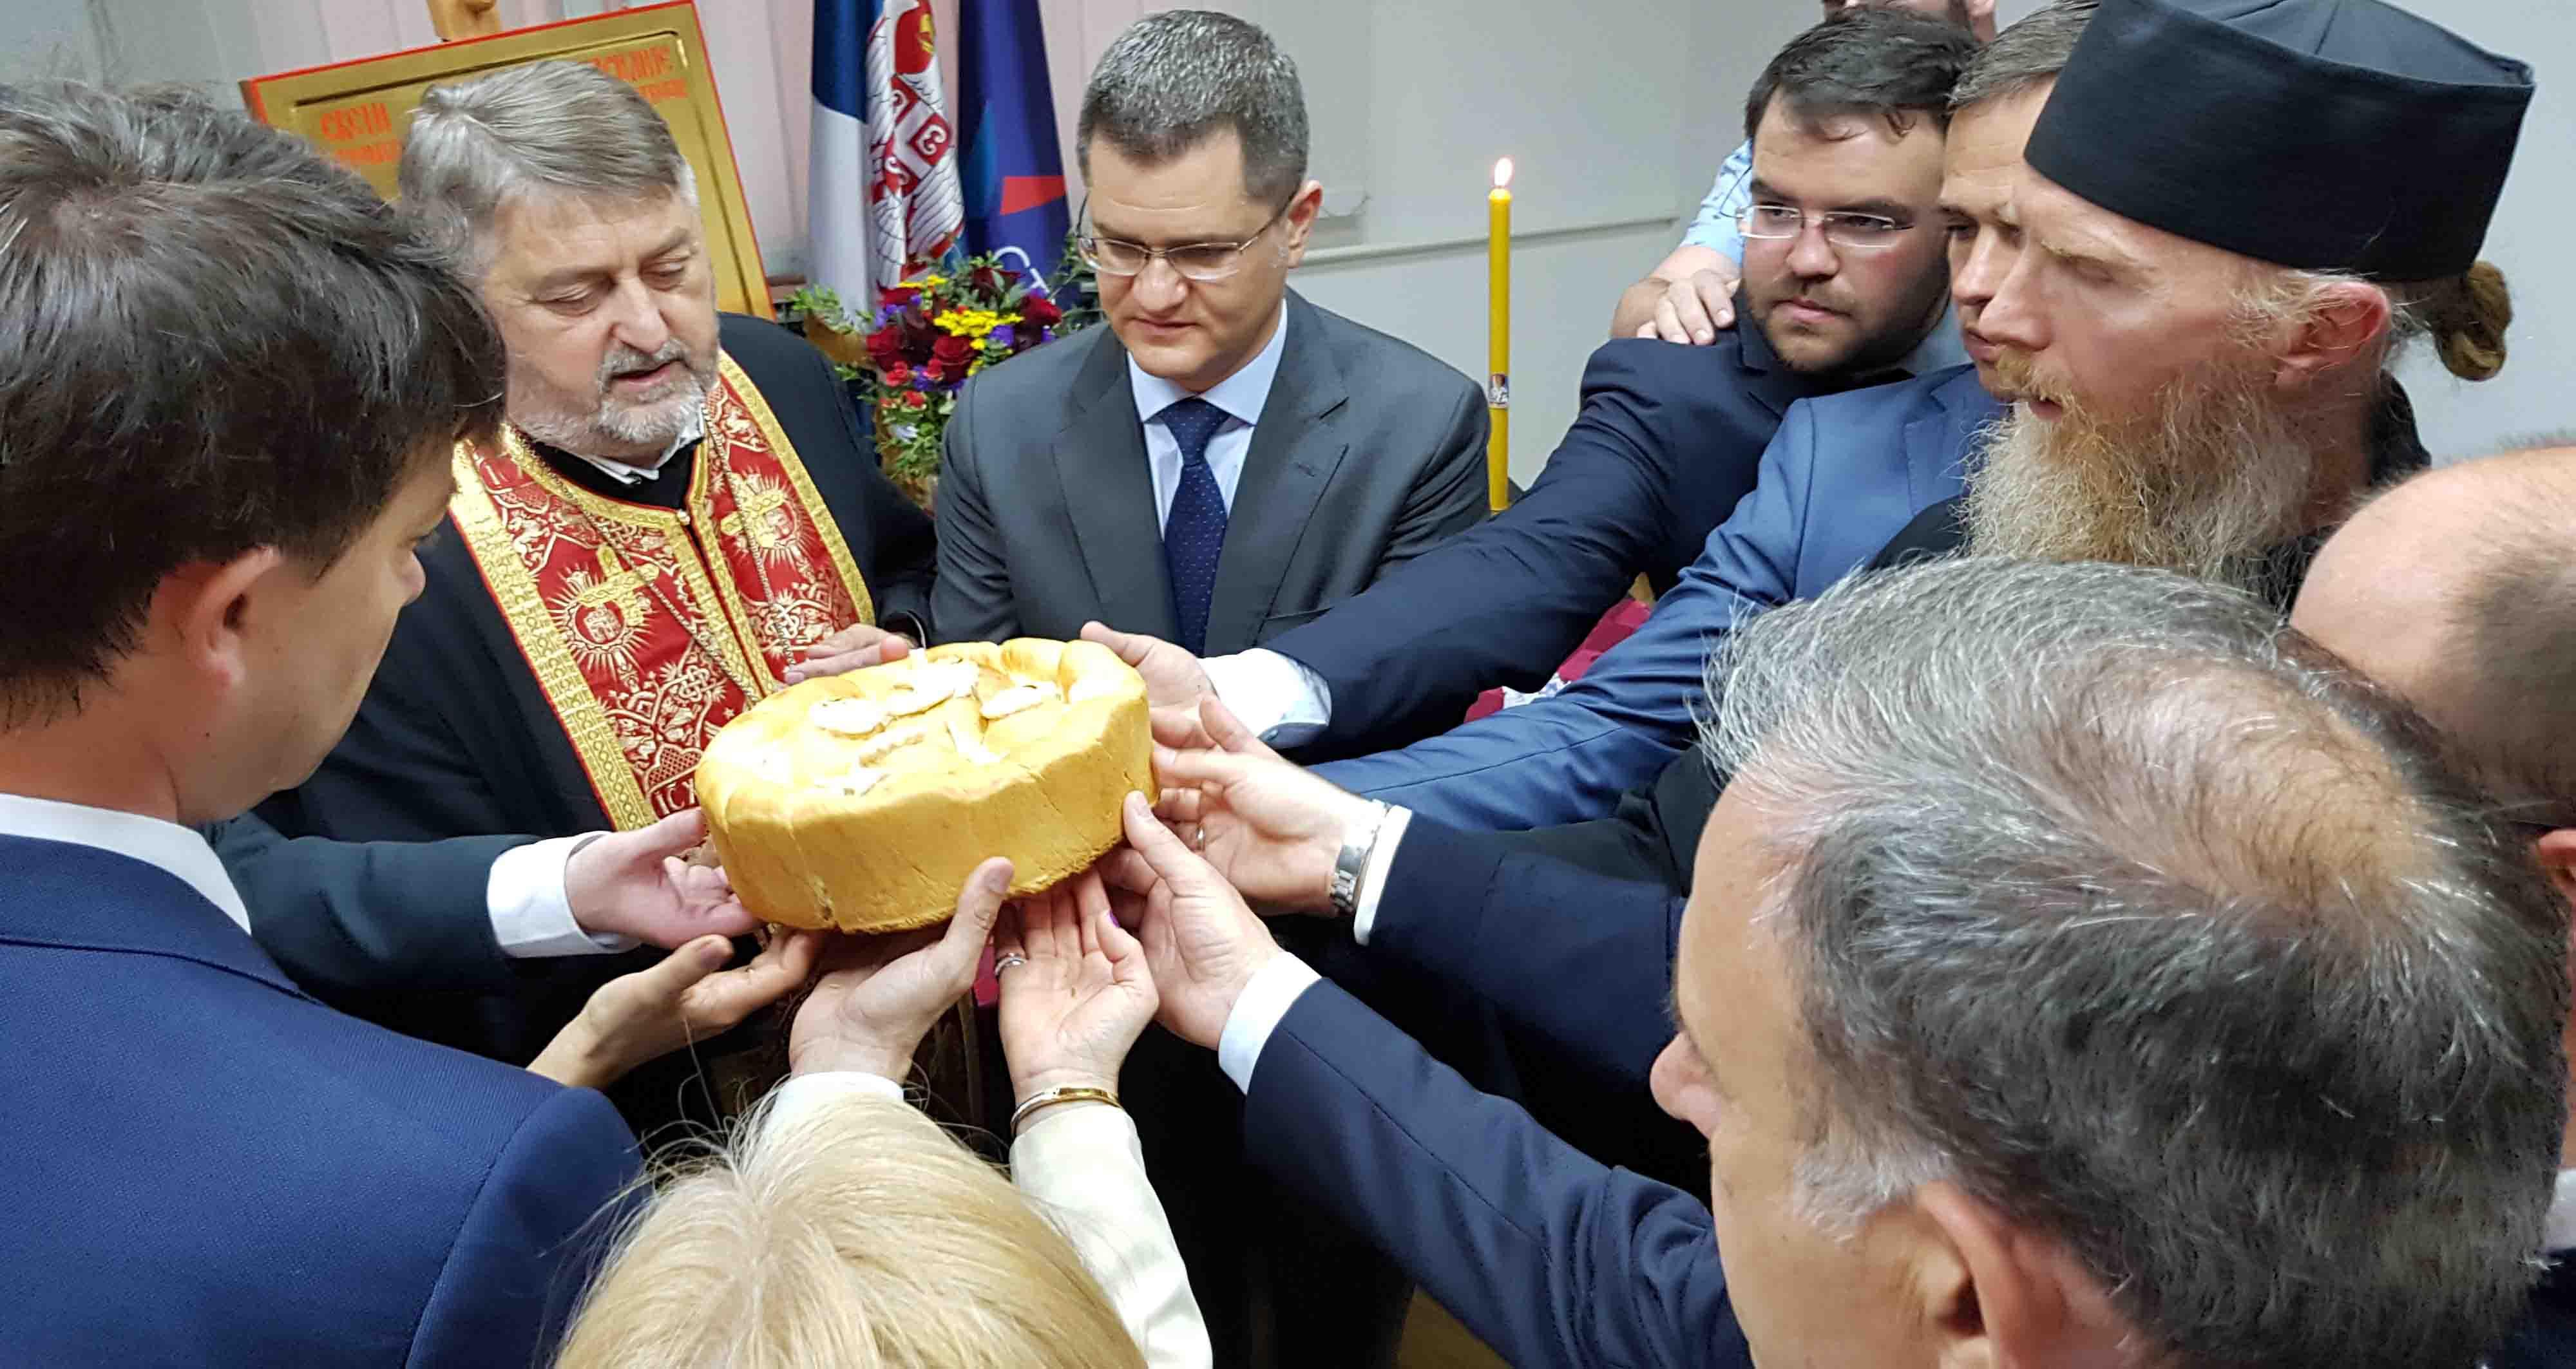 Народна странка прославила славу Светог Василија Острошког Чудотворца